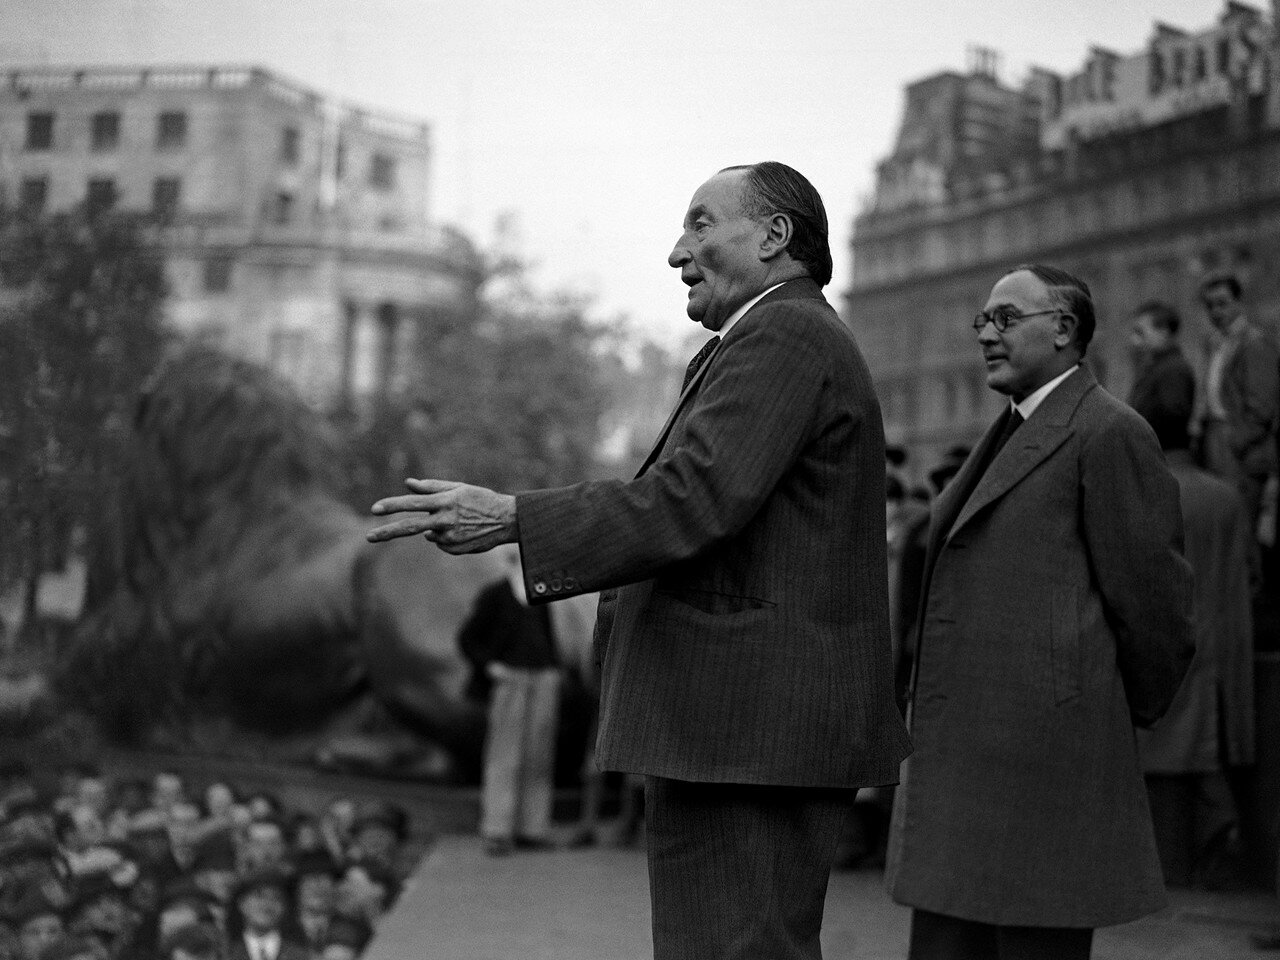 1937. Массовая демонстрация протеста против японской агрессии в Китае, организованная лейбористской партией и лондонским торговым советом. Выступает Бен Тиллет, ветеран лейбористской партии